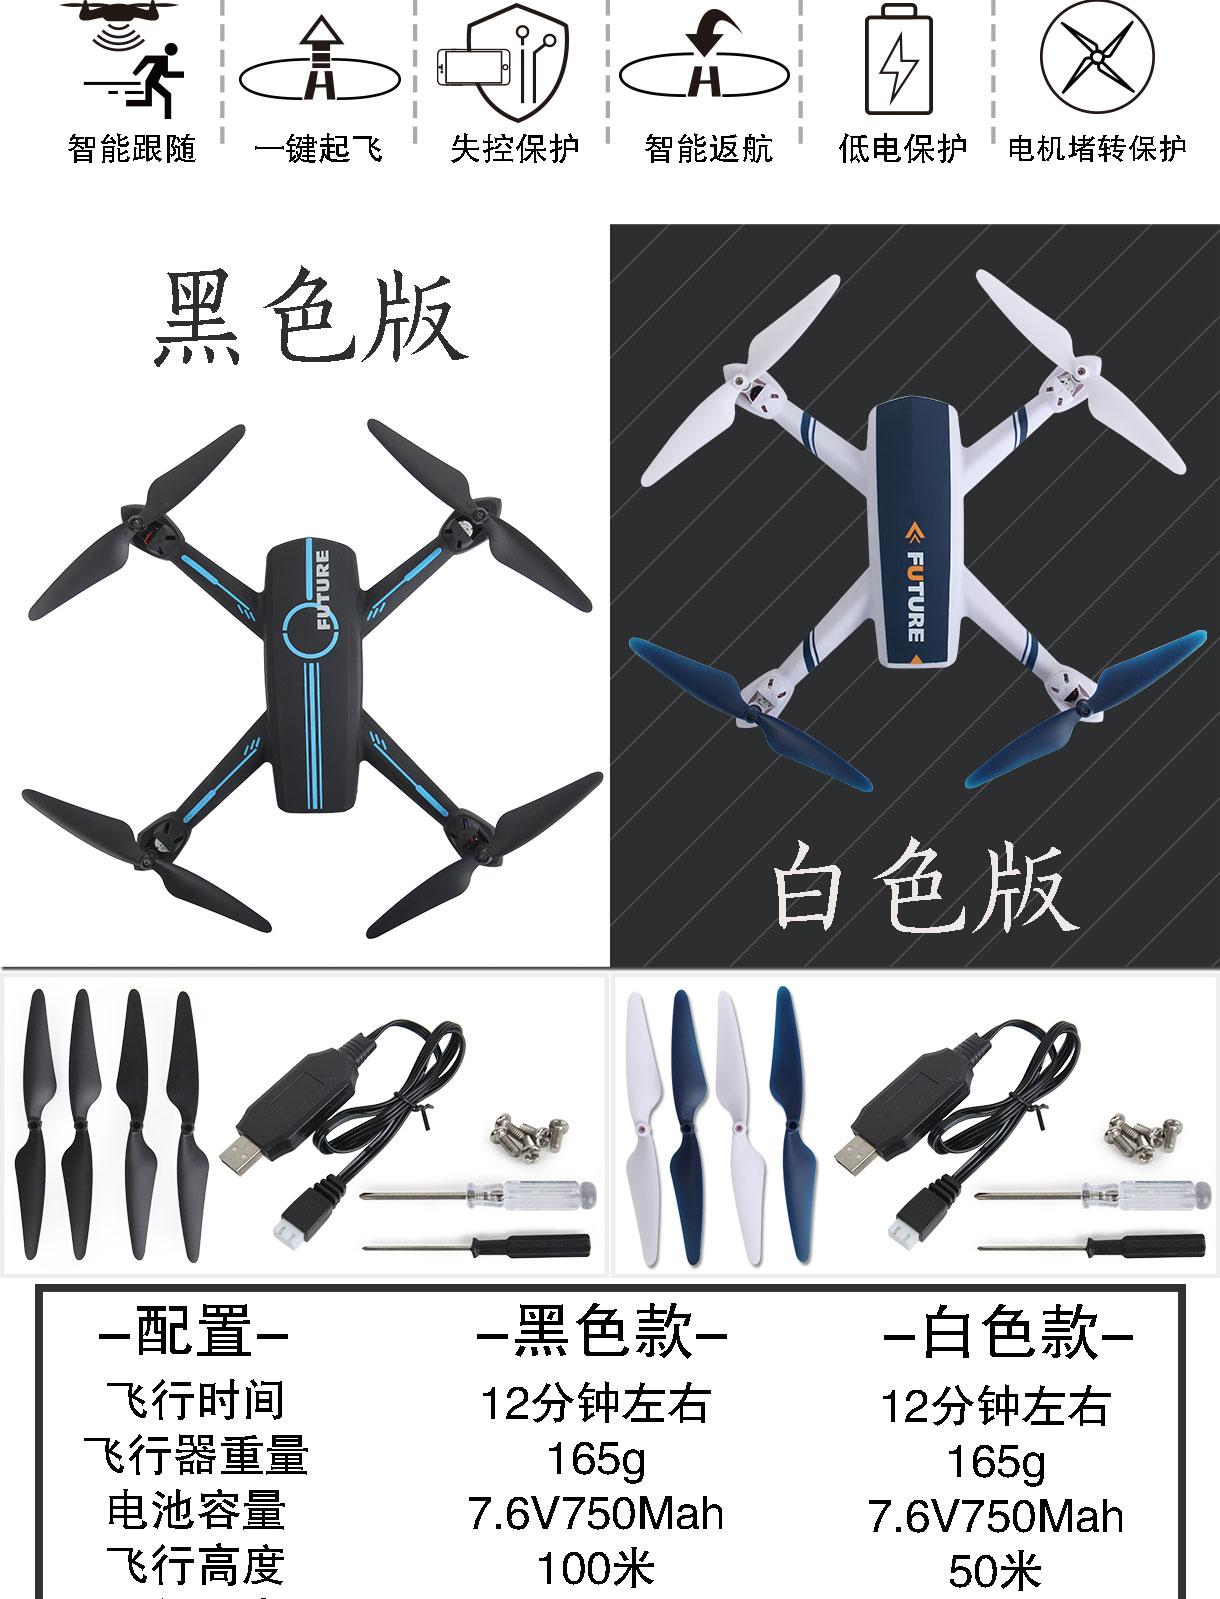 WIFI FPV RC Drone GPS Mijnbouw Punt Drone 528 RC Quadcopter Full HD 720P Camera een sleutel opstijgen /landing/stop Stabiele Vlucht - 5